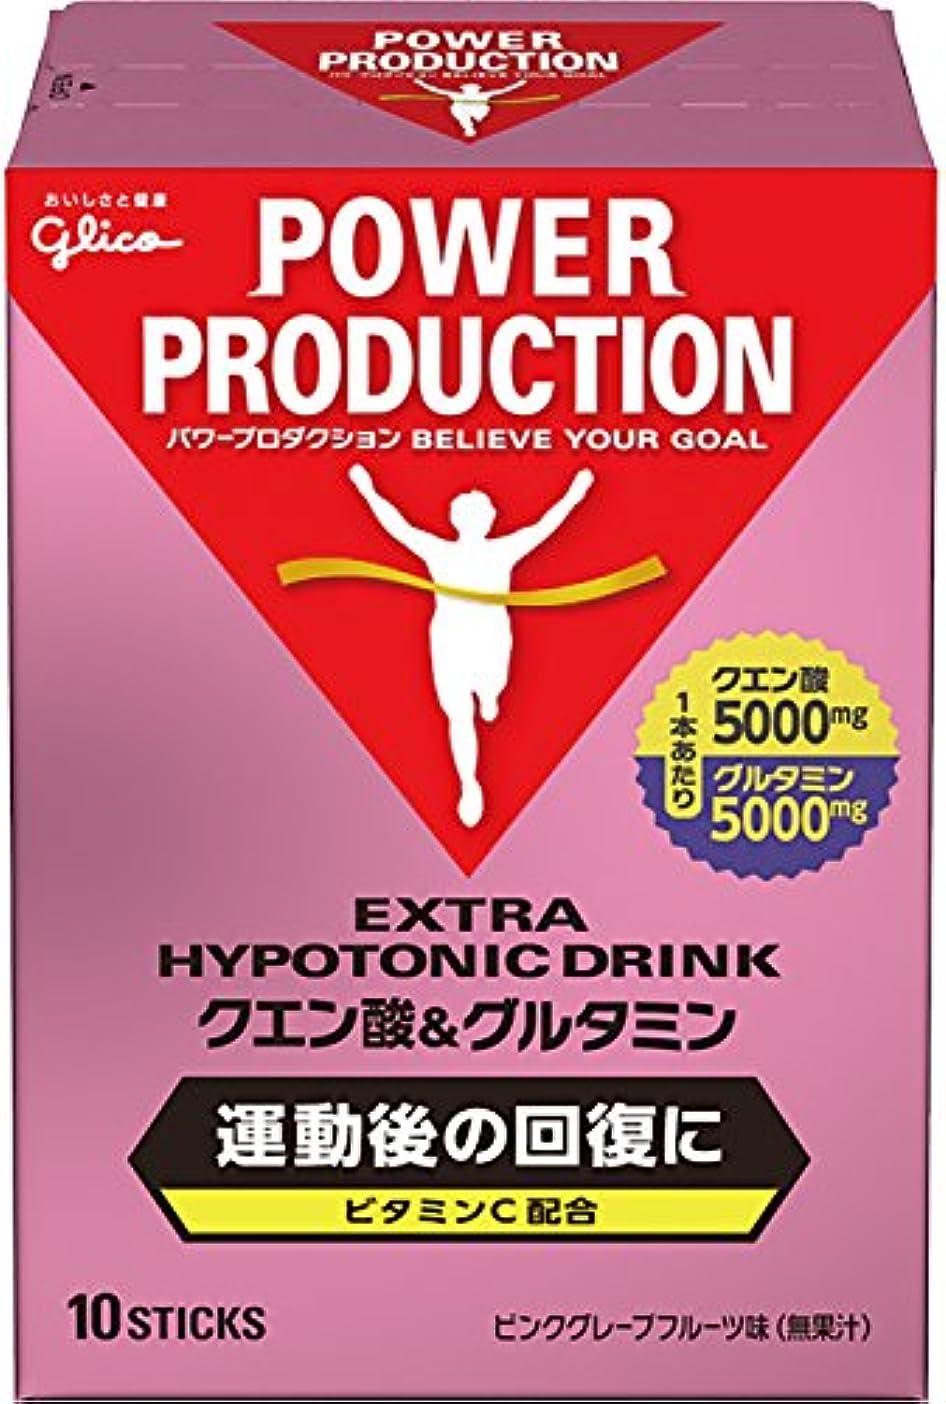 興奮する便利さ修正するグリコ パワープロダクション エキストラ ハイポトニックドリンク クエン酸&グルタミン ピンクグレープフルーツ味 1袋 (12.4g) 10本